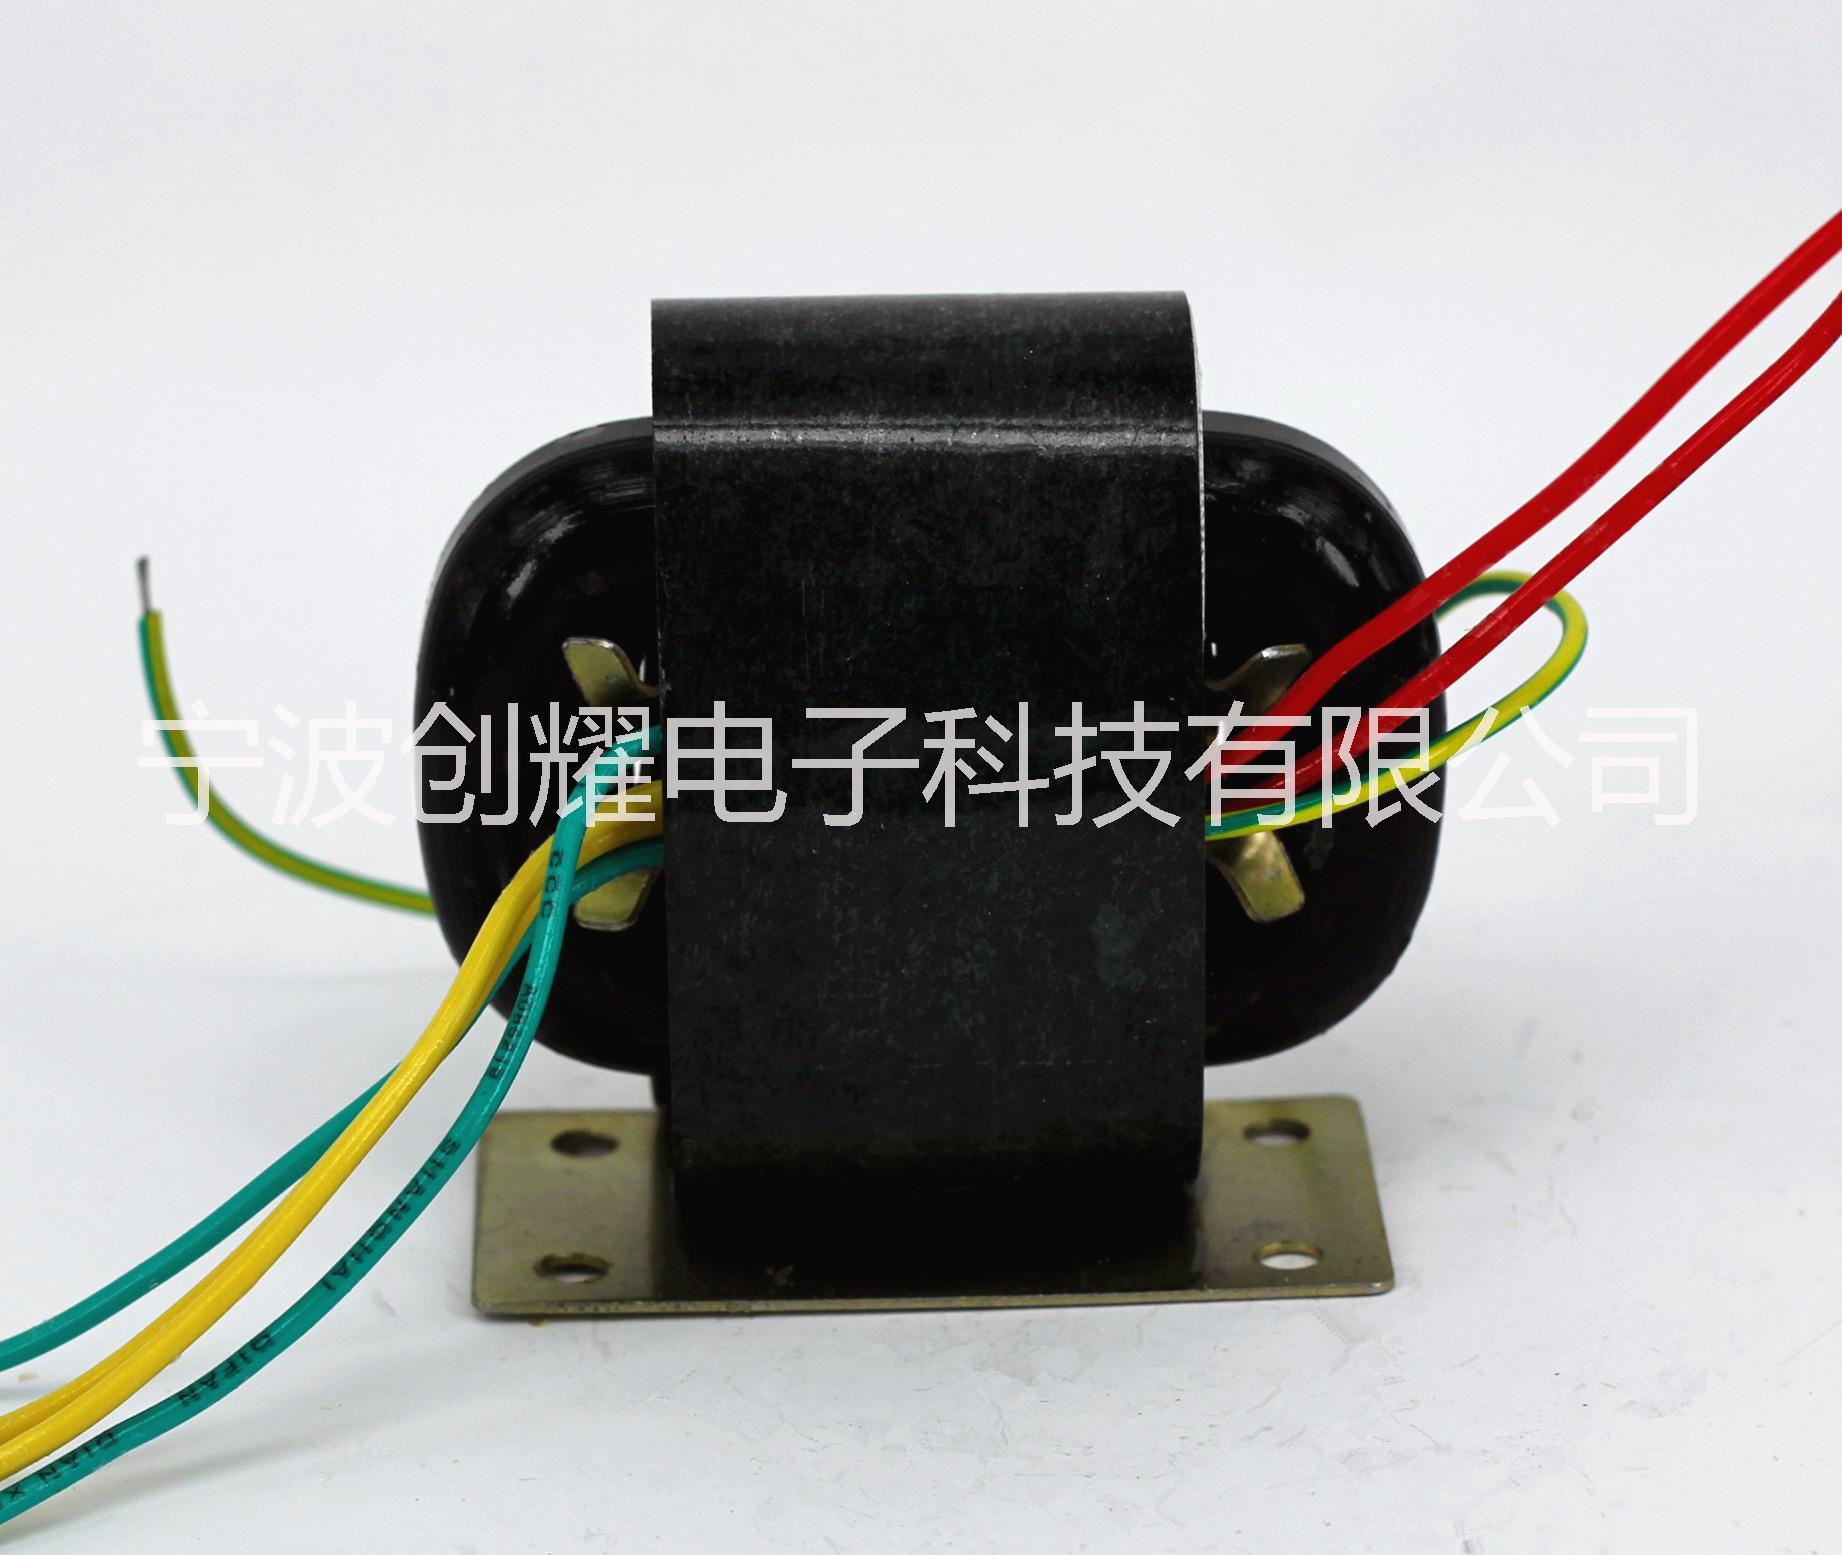 宁波创耀电子 厂家直销 R型变压器 医疗变压器 扁型变压器